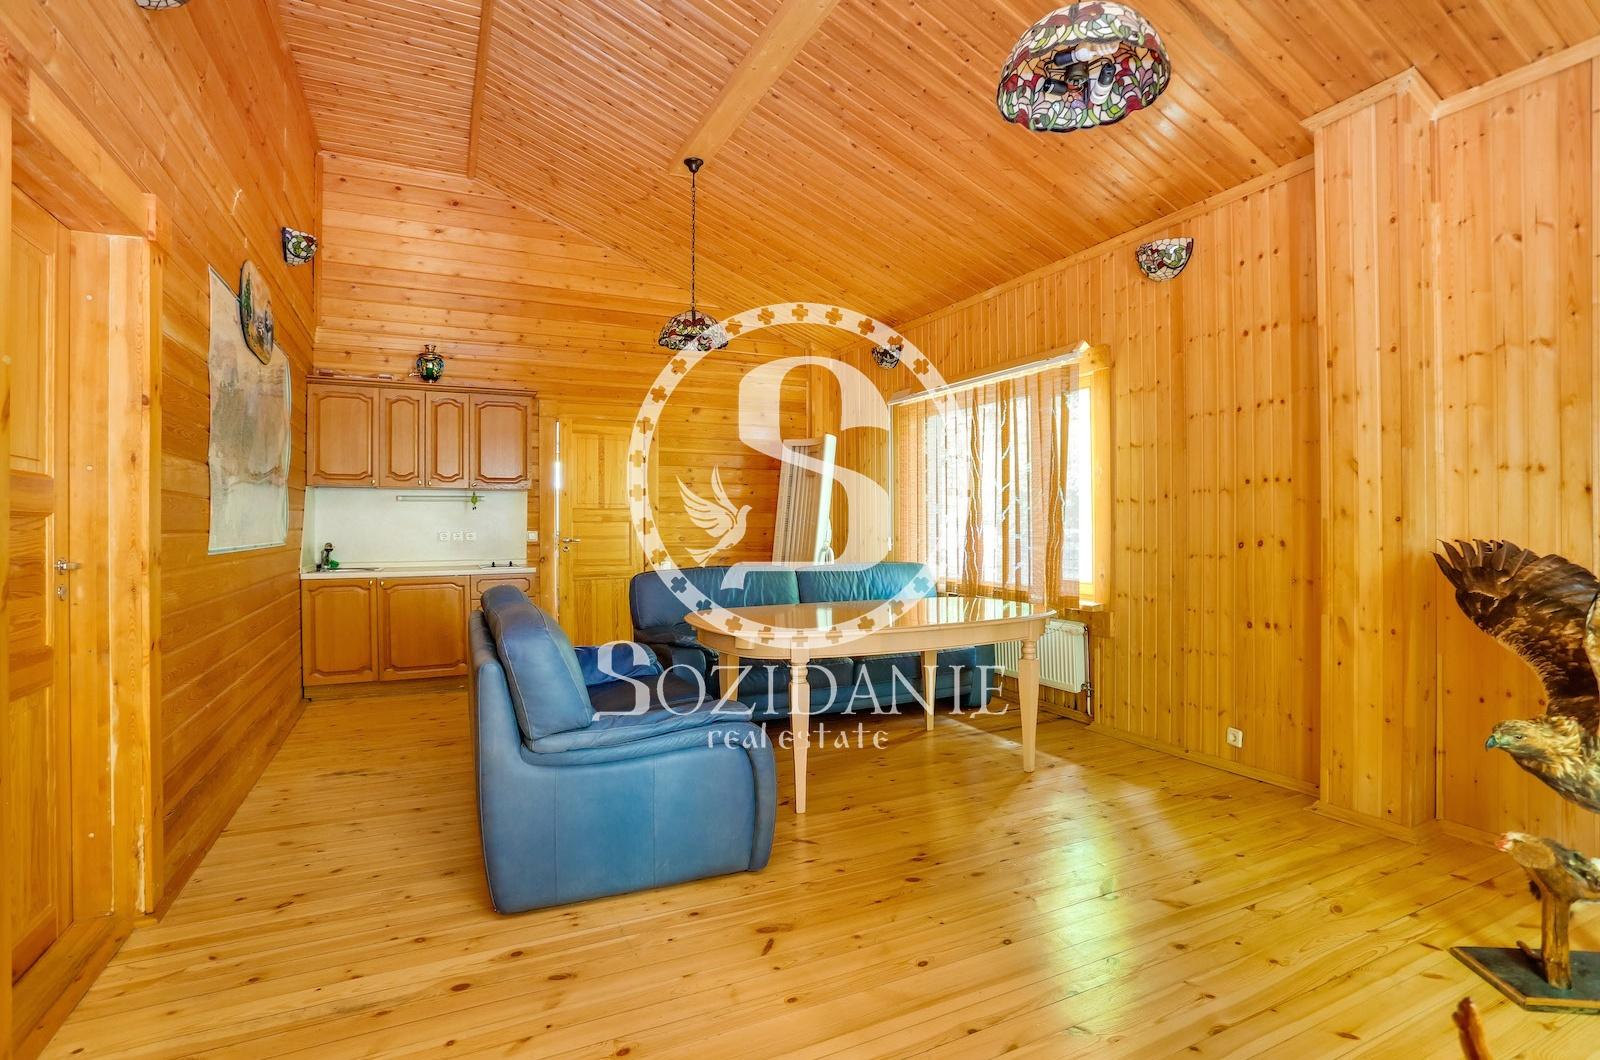 4 Bedrooms, Загородная, Аренда, Listing ID 2053, Московская область, Россия,